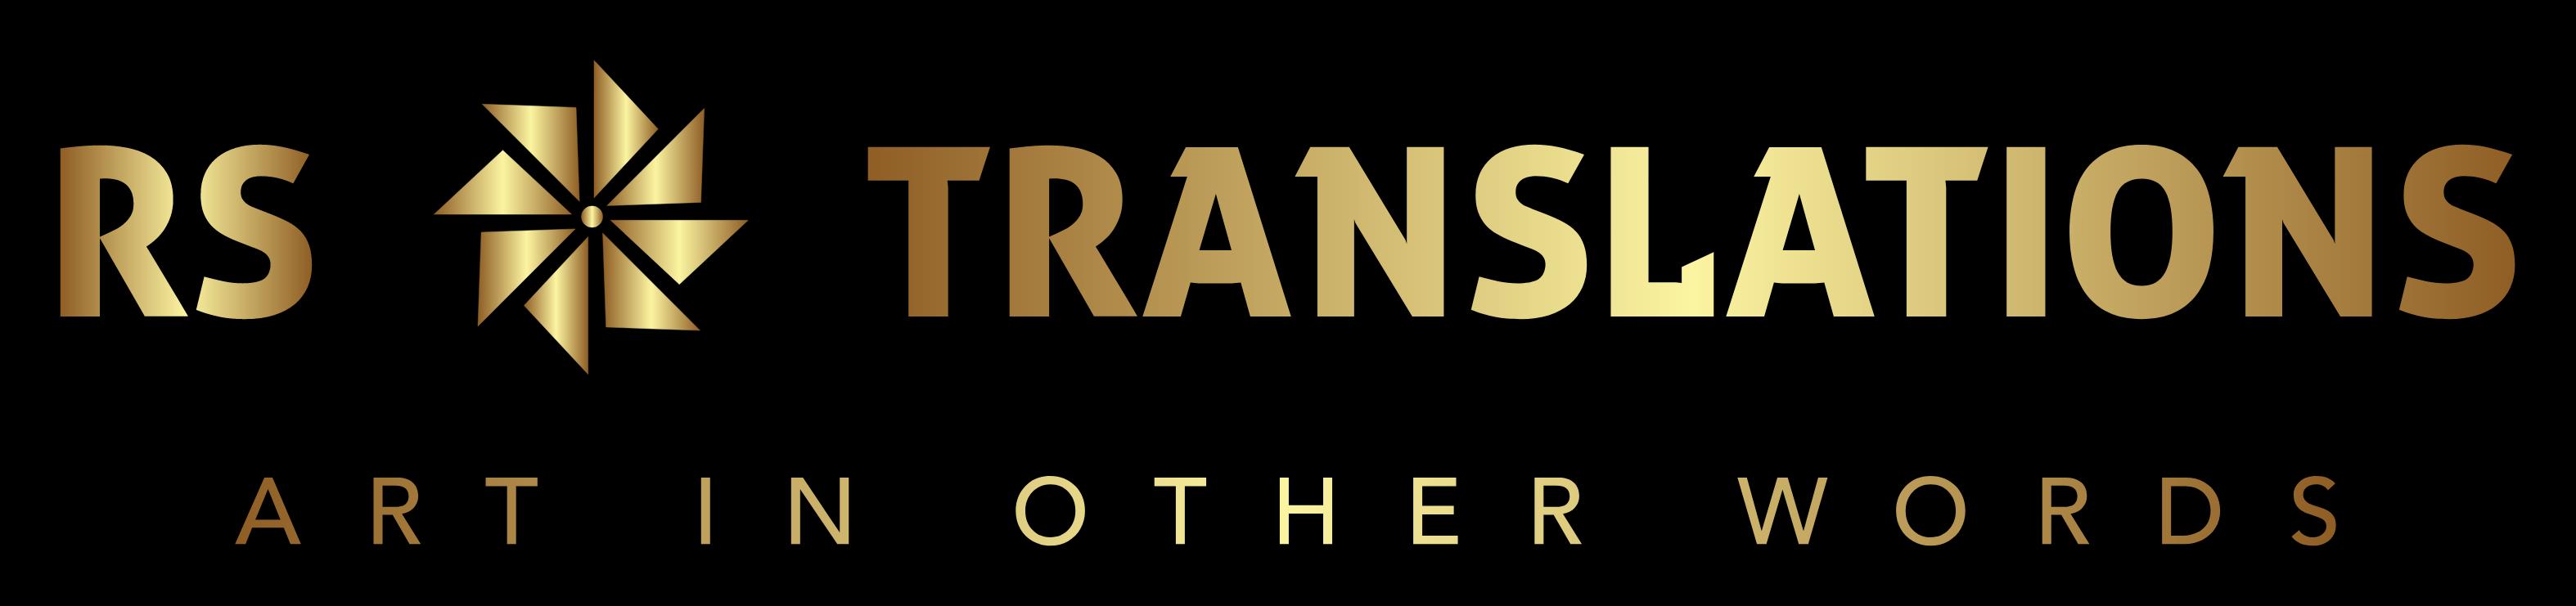 RS Translations